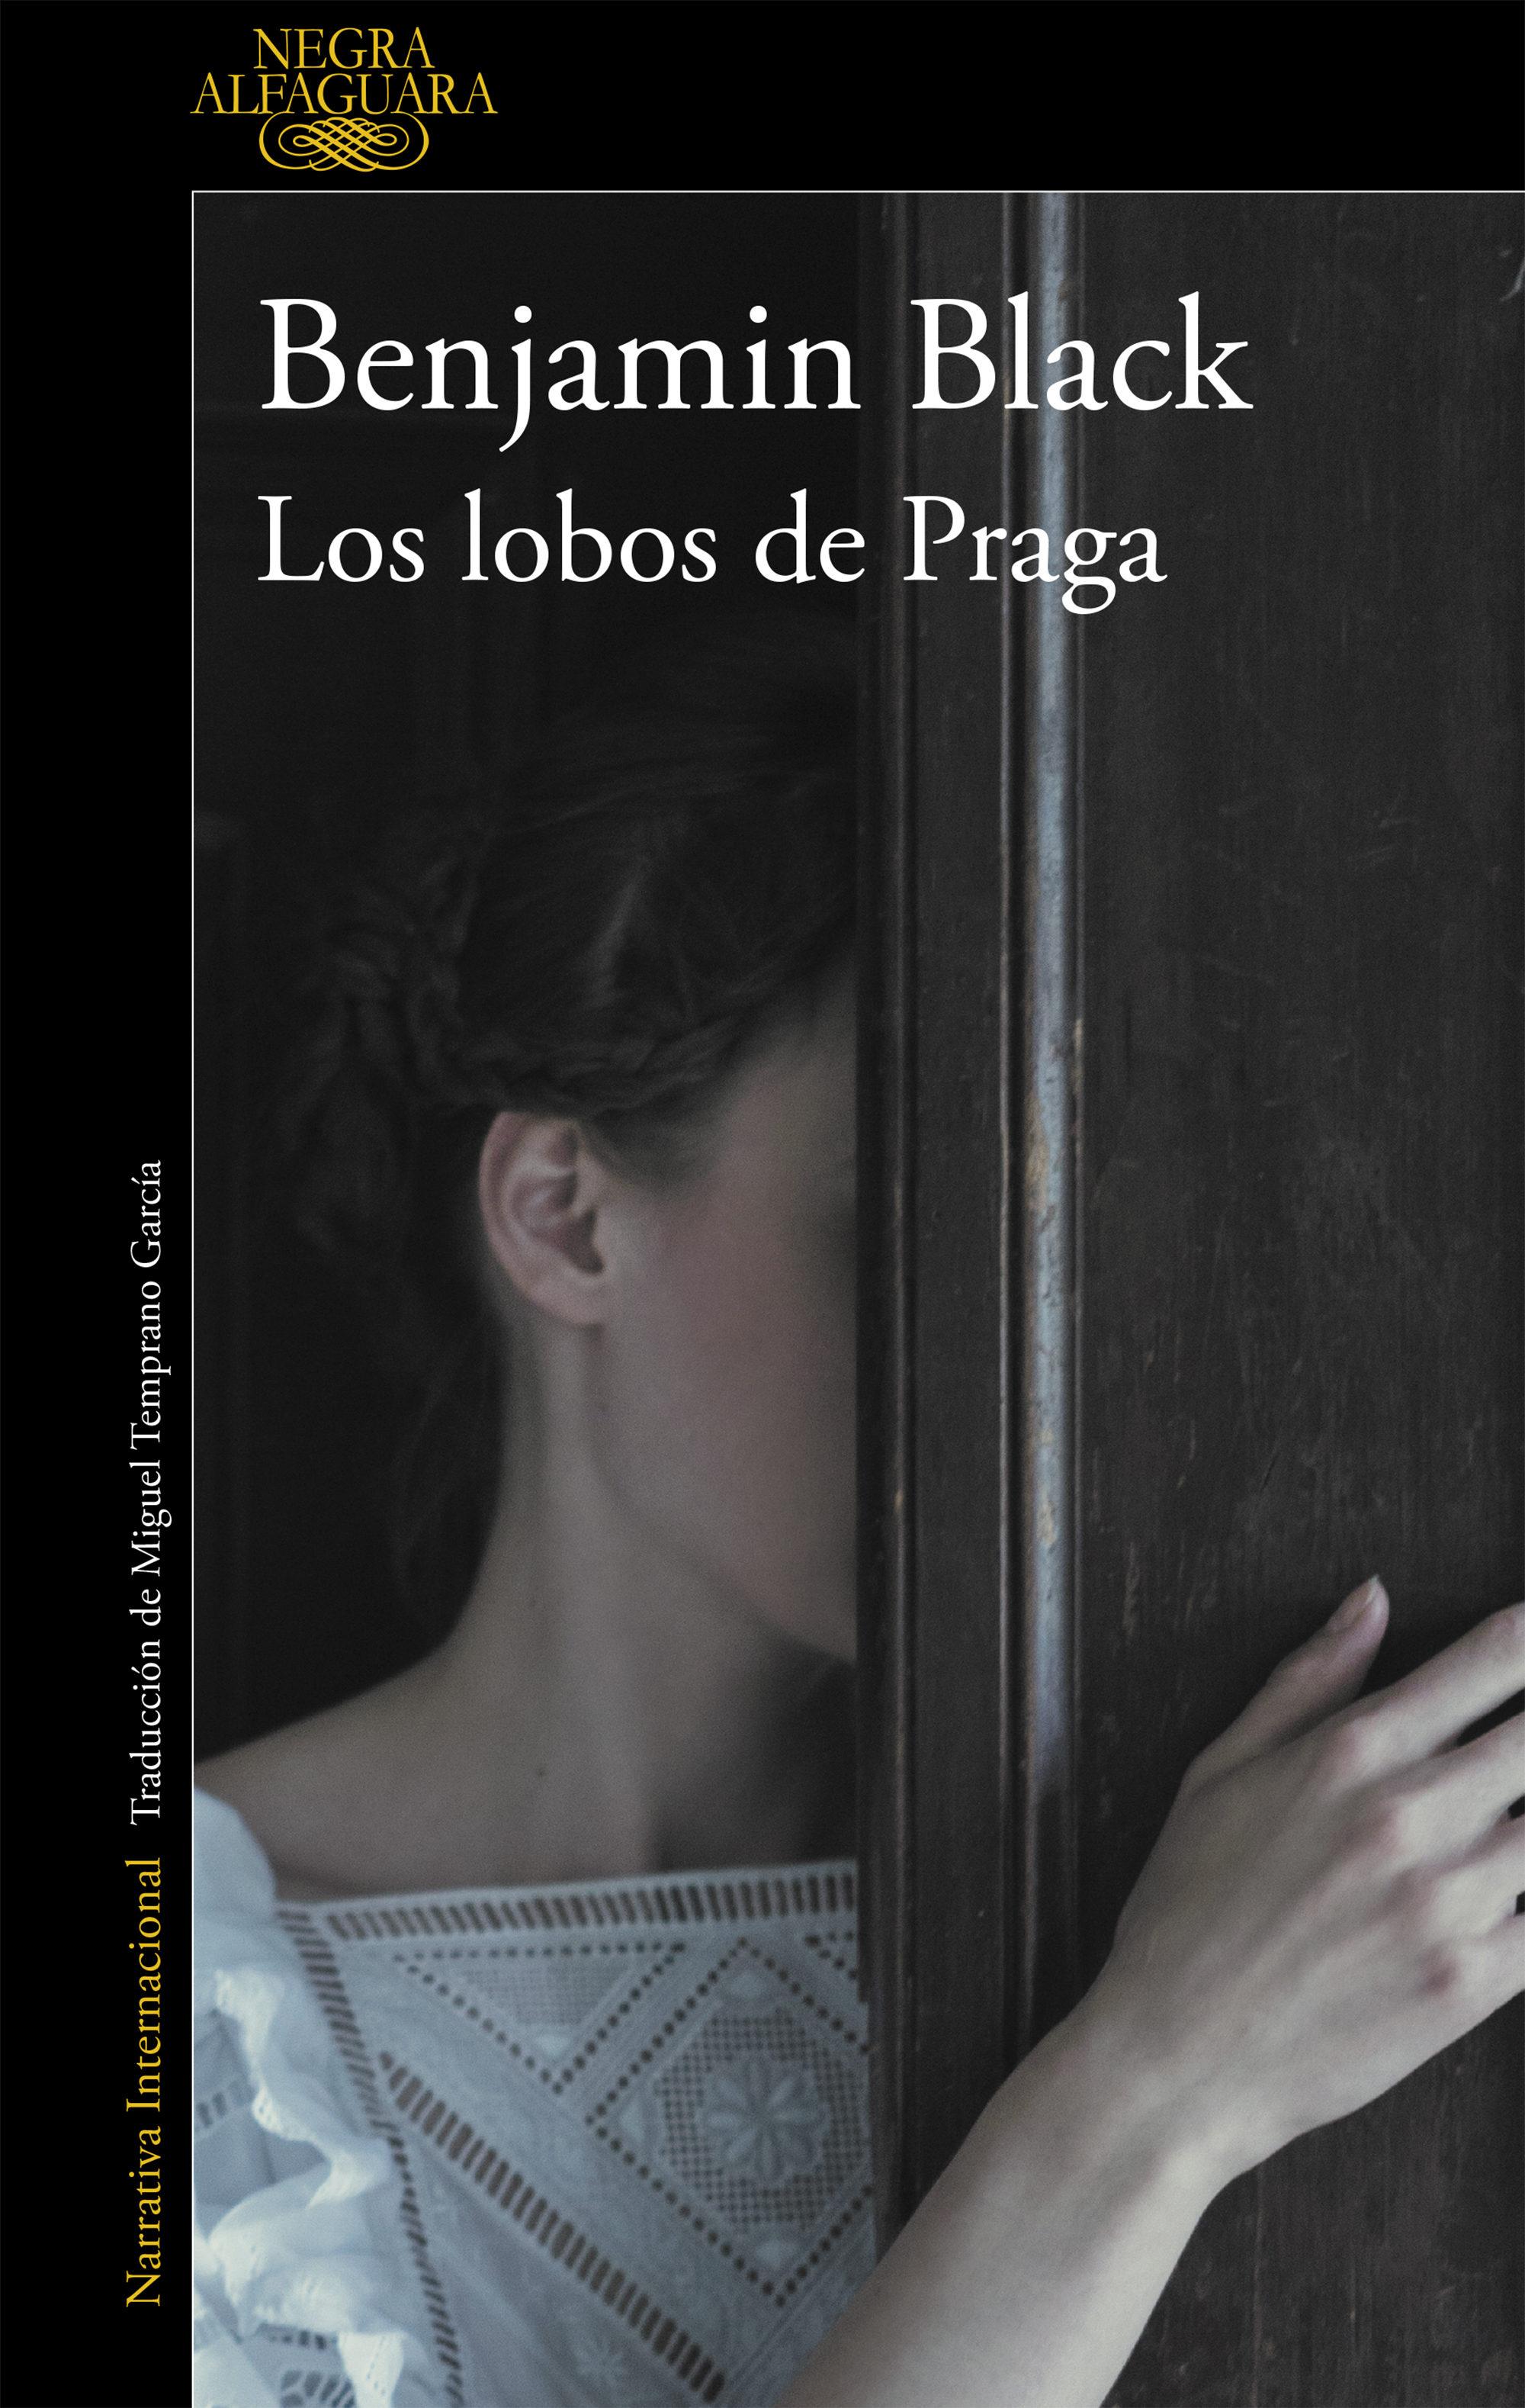 Los Lobos de Praga - Benjamin Black - Alfaguara